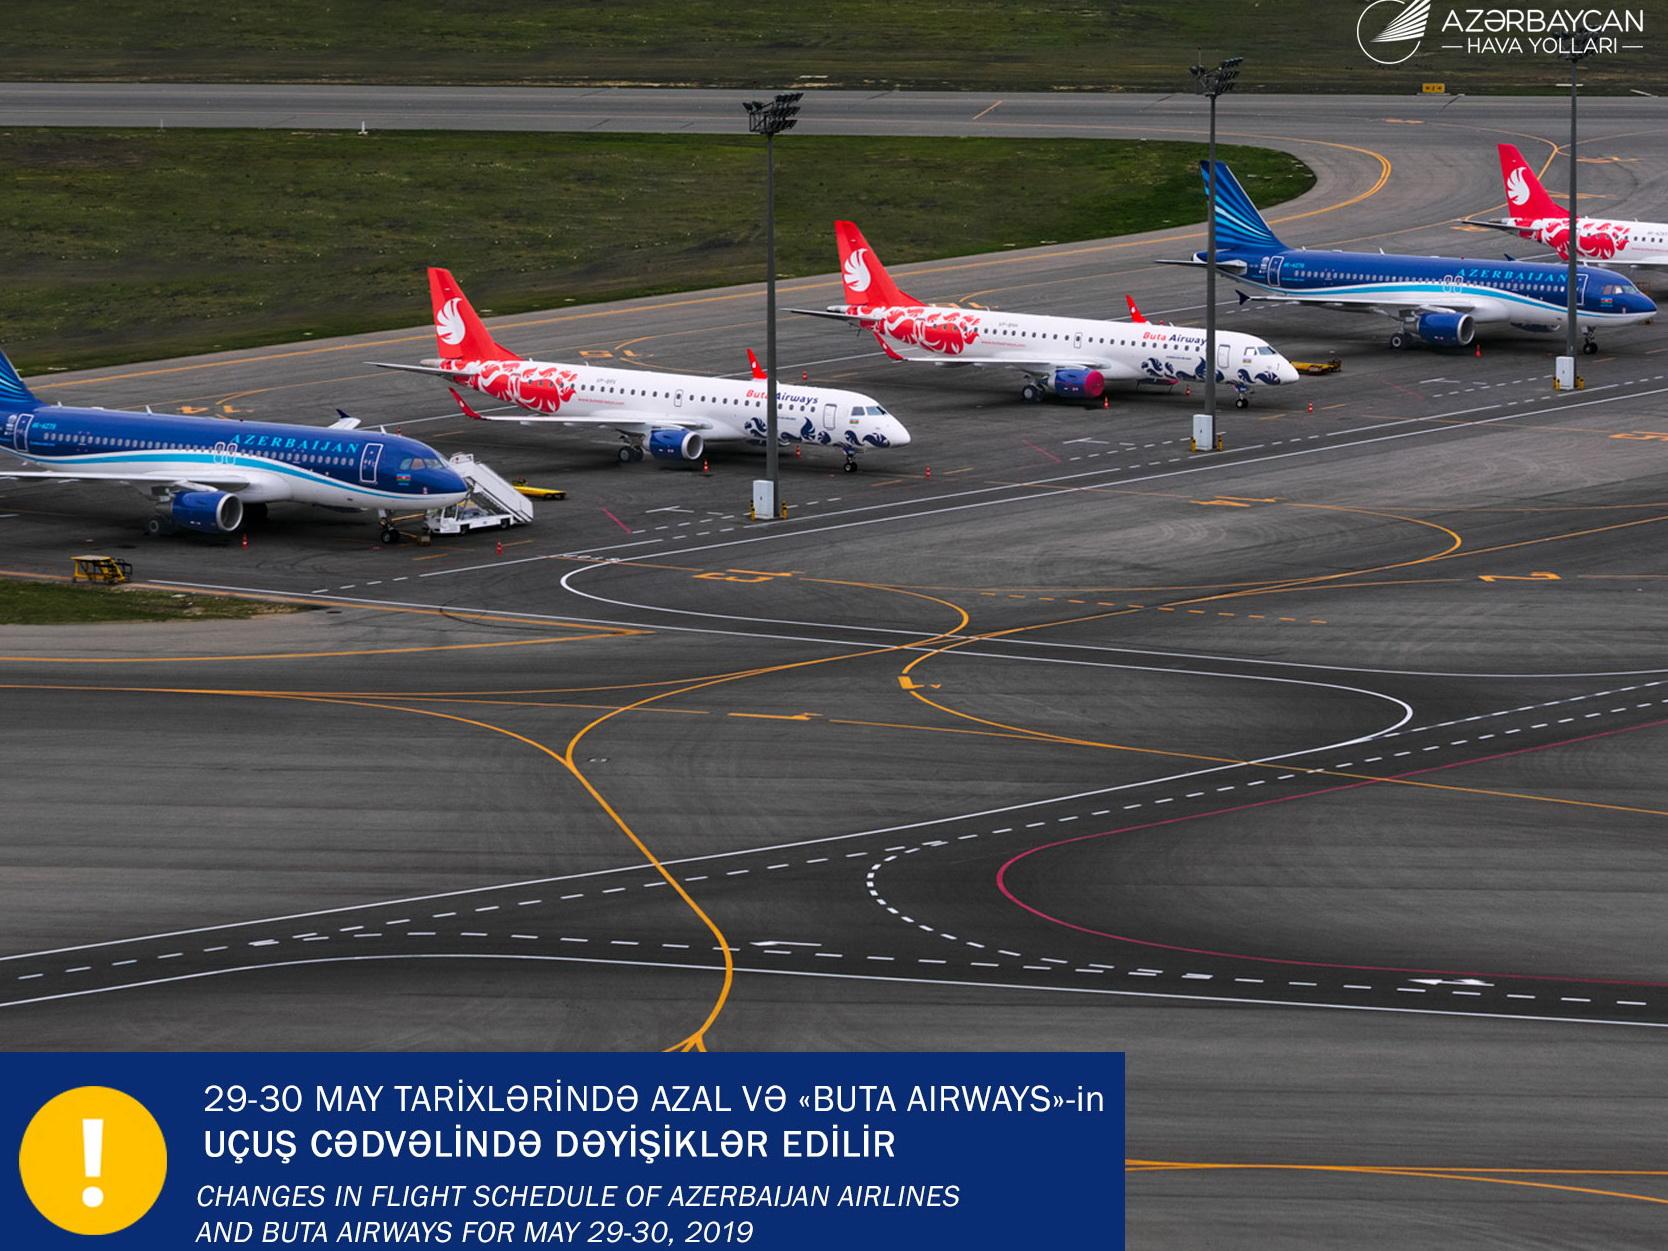 Изменено расписание рейсов AZAL и Buta Airways - ТАБЛИЦА